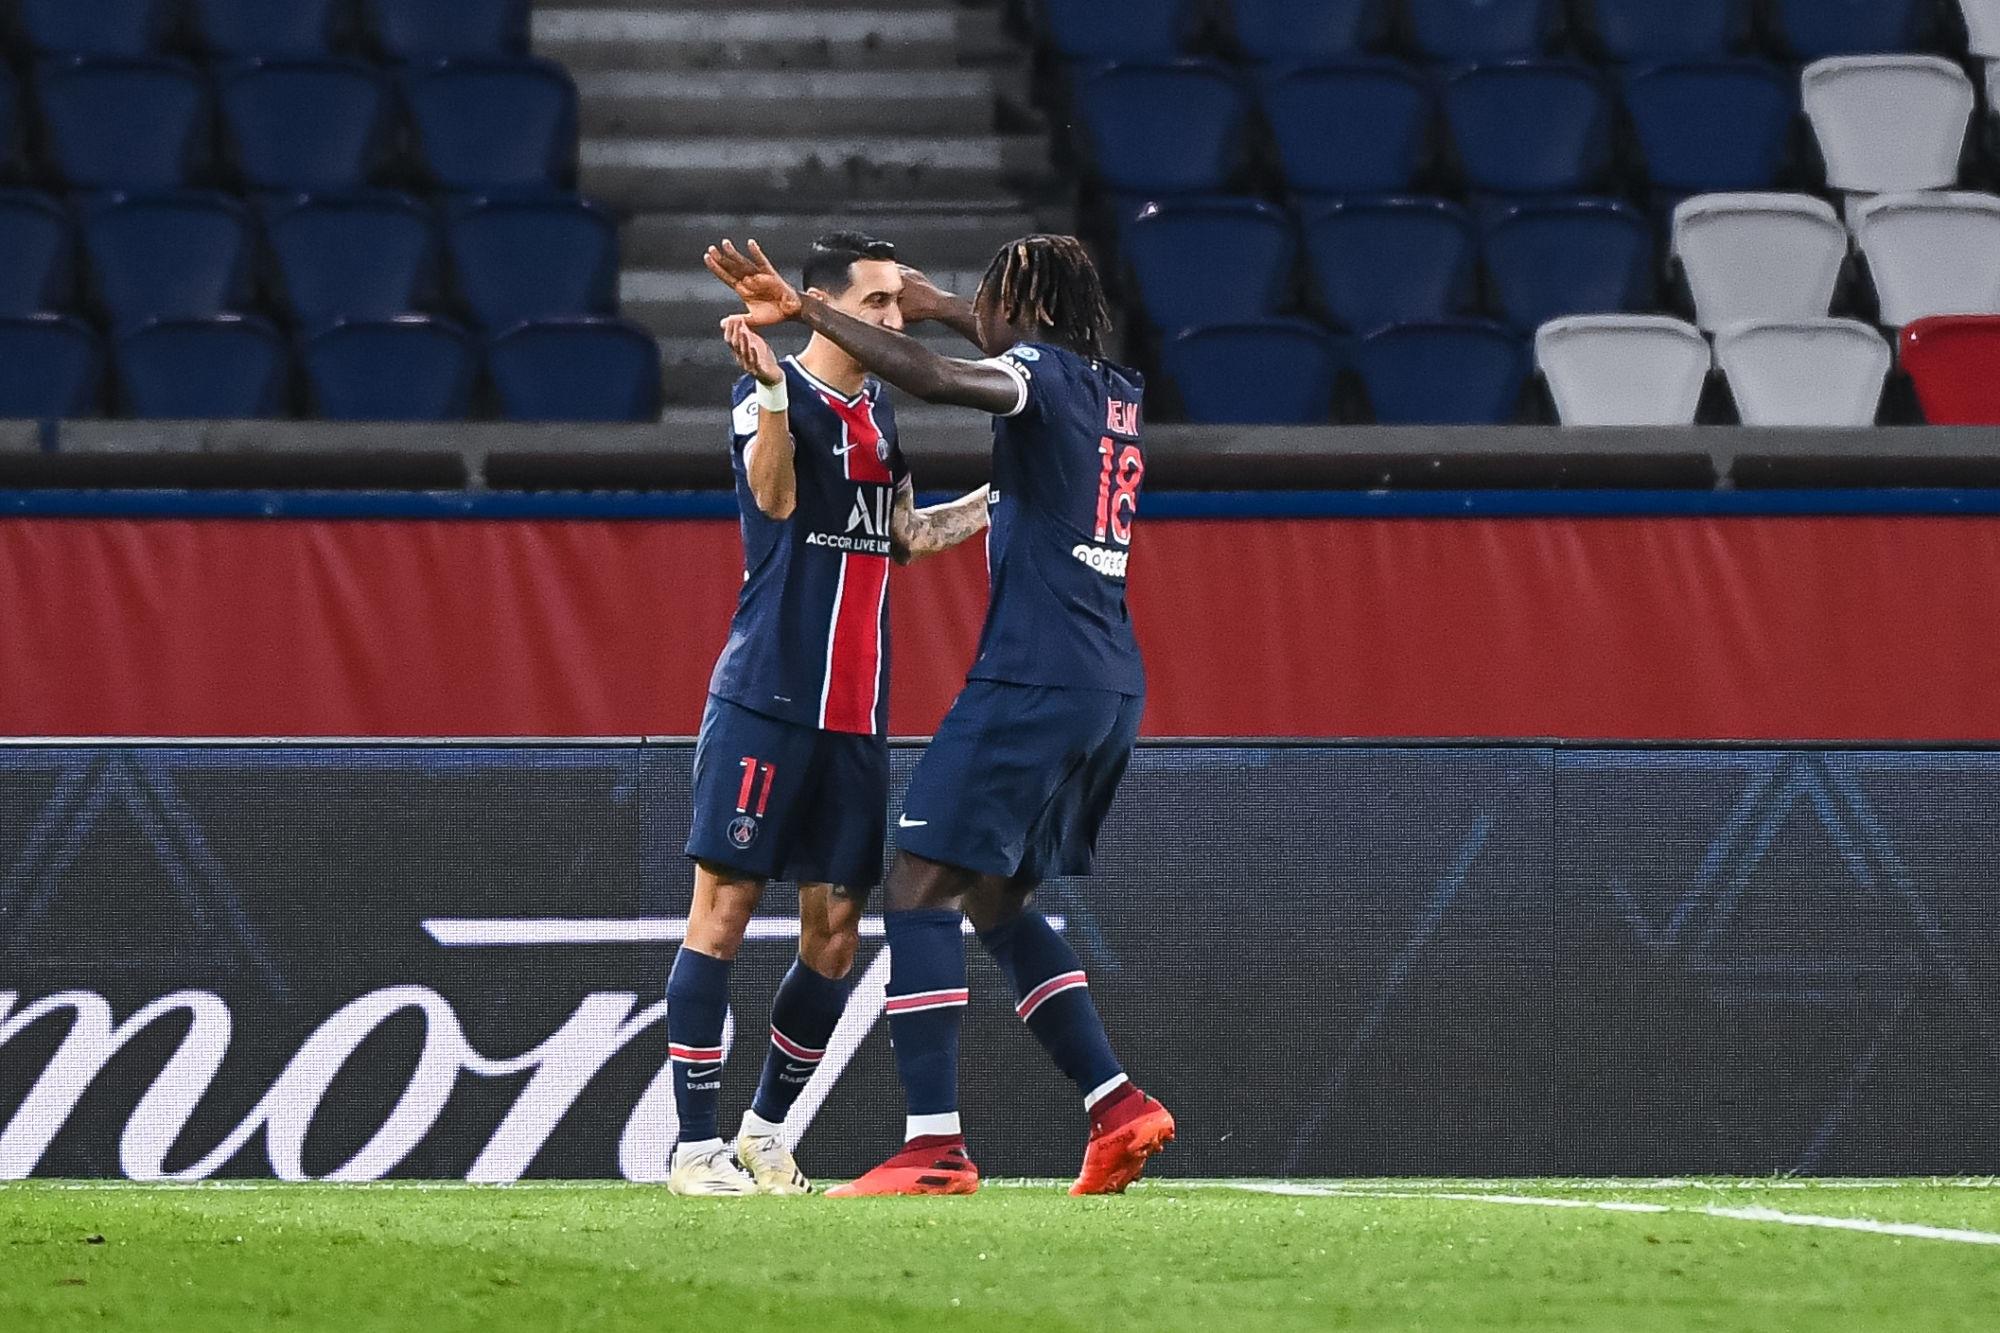 Résumé PSG/Rennes (3-0) - La vidéo des buts et temps forts du match